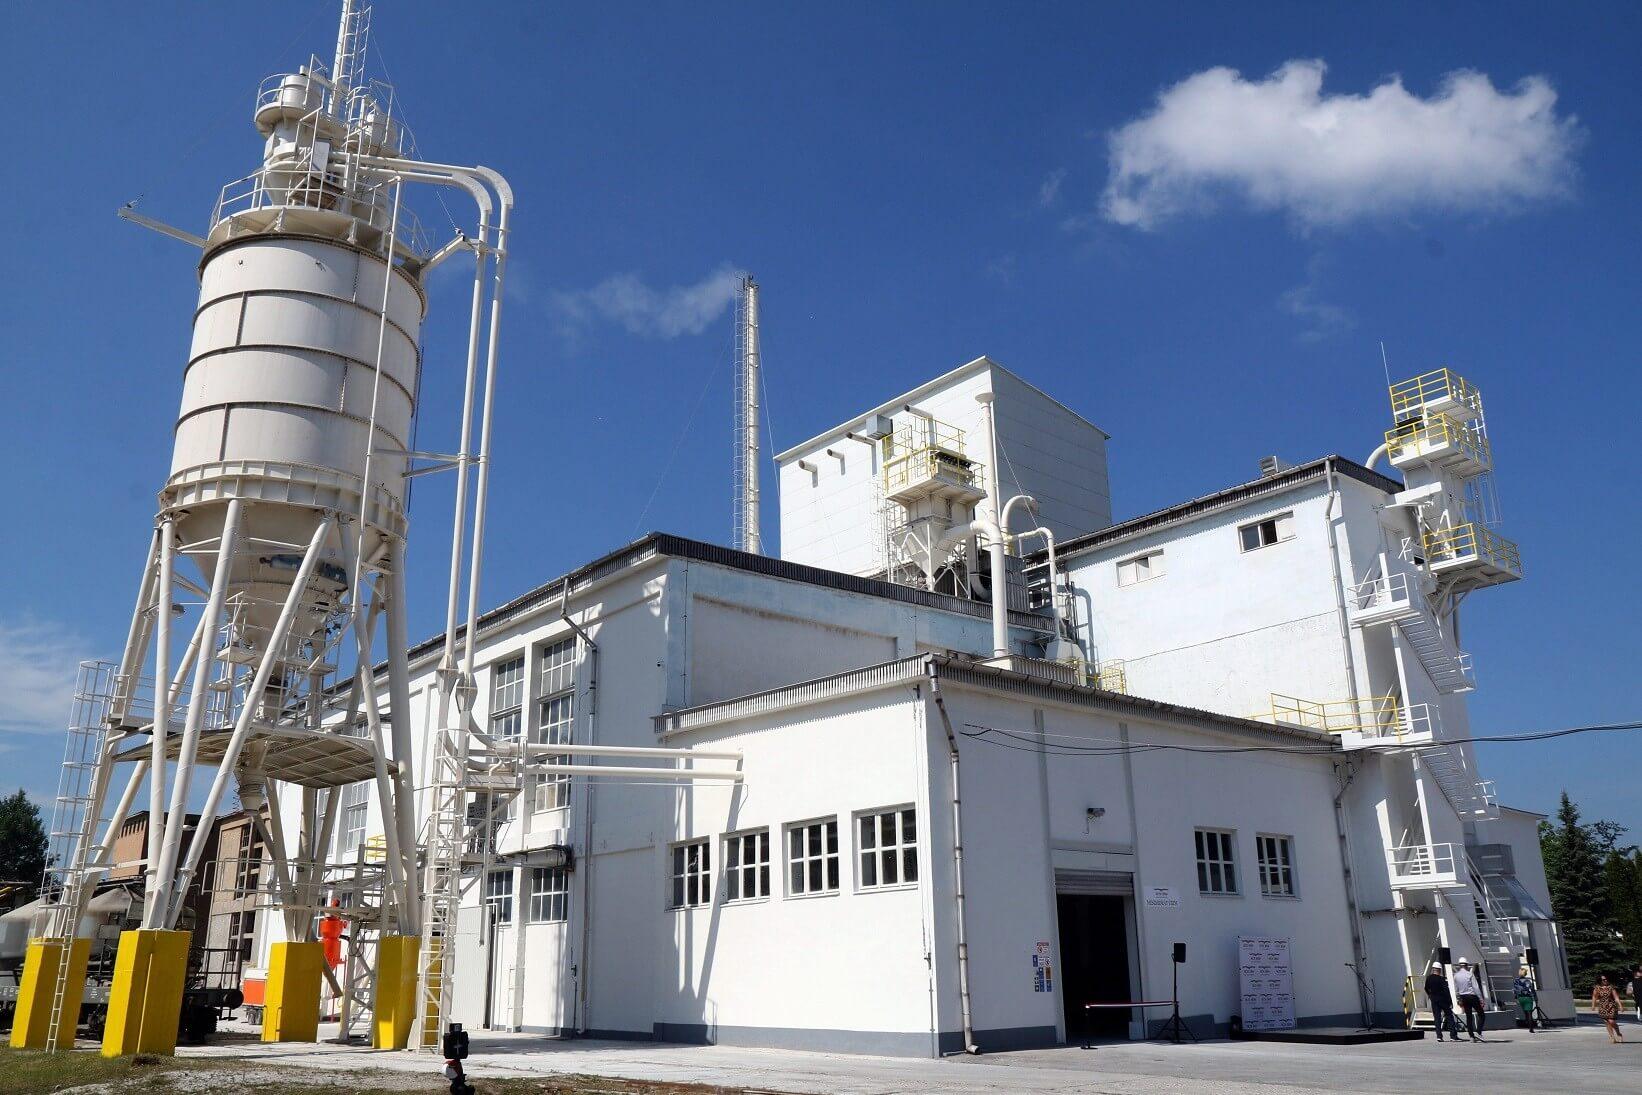 Újjáéled Hejőcsabán a hat éve leállított cementgyártás